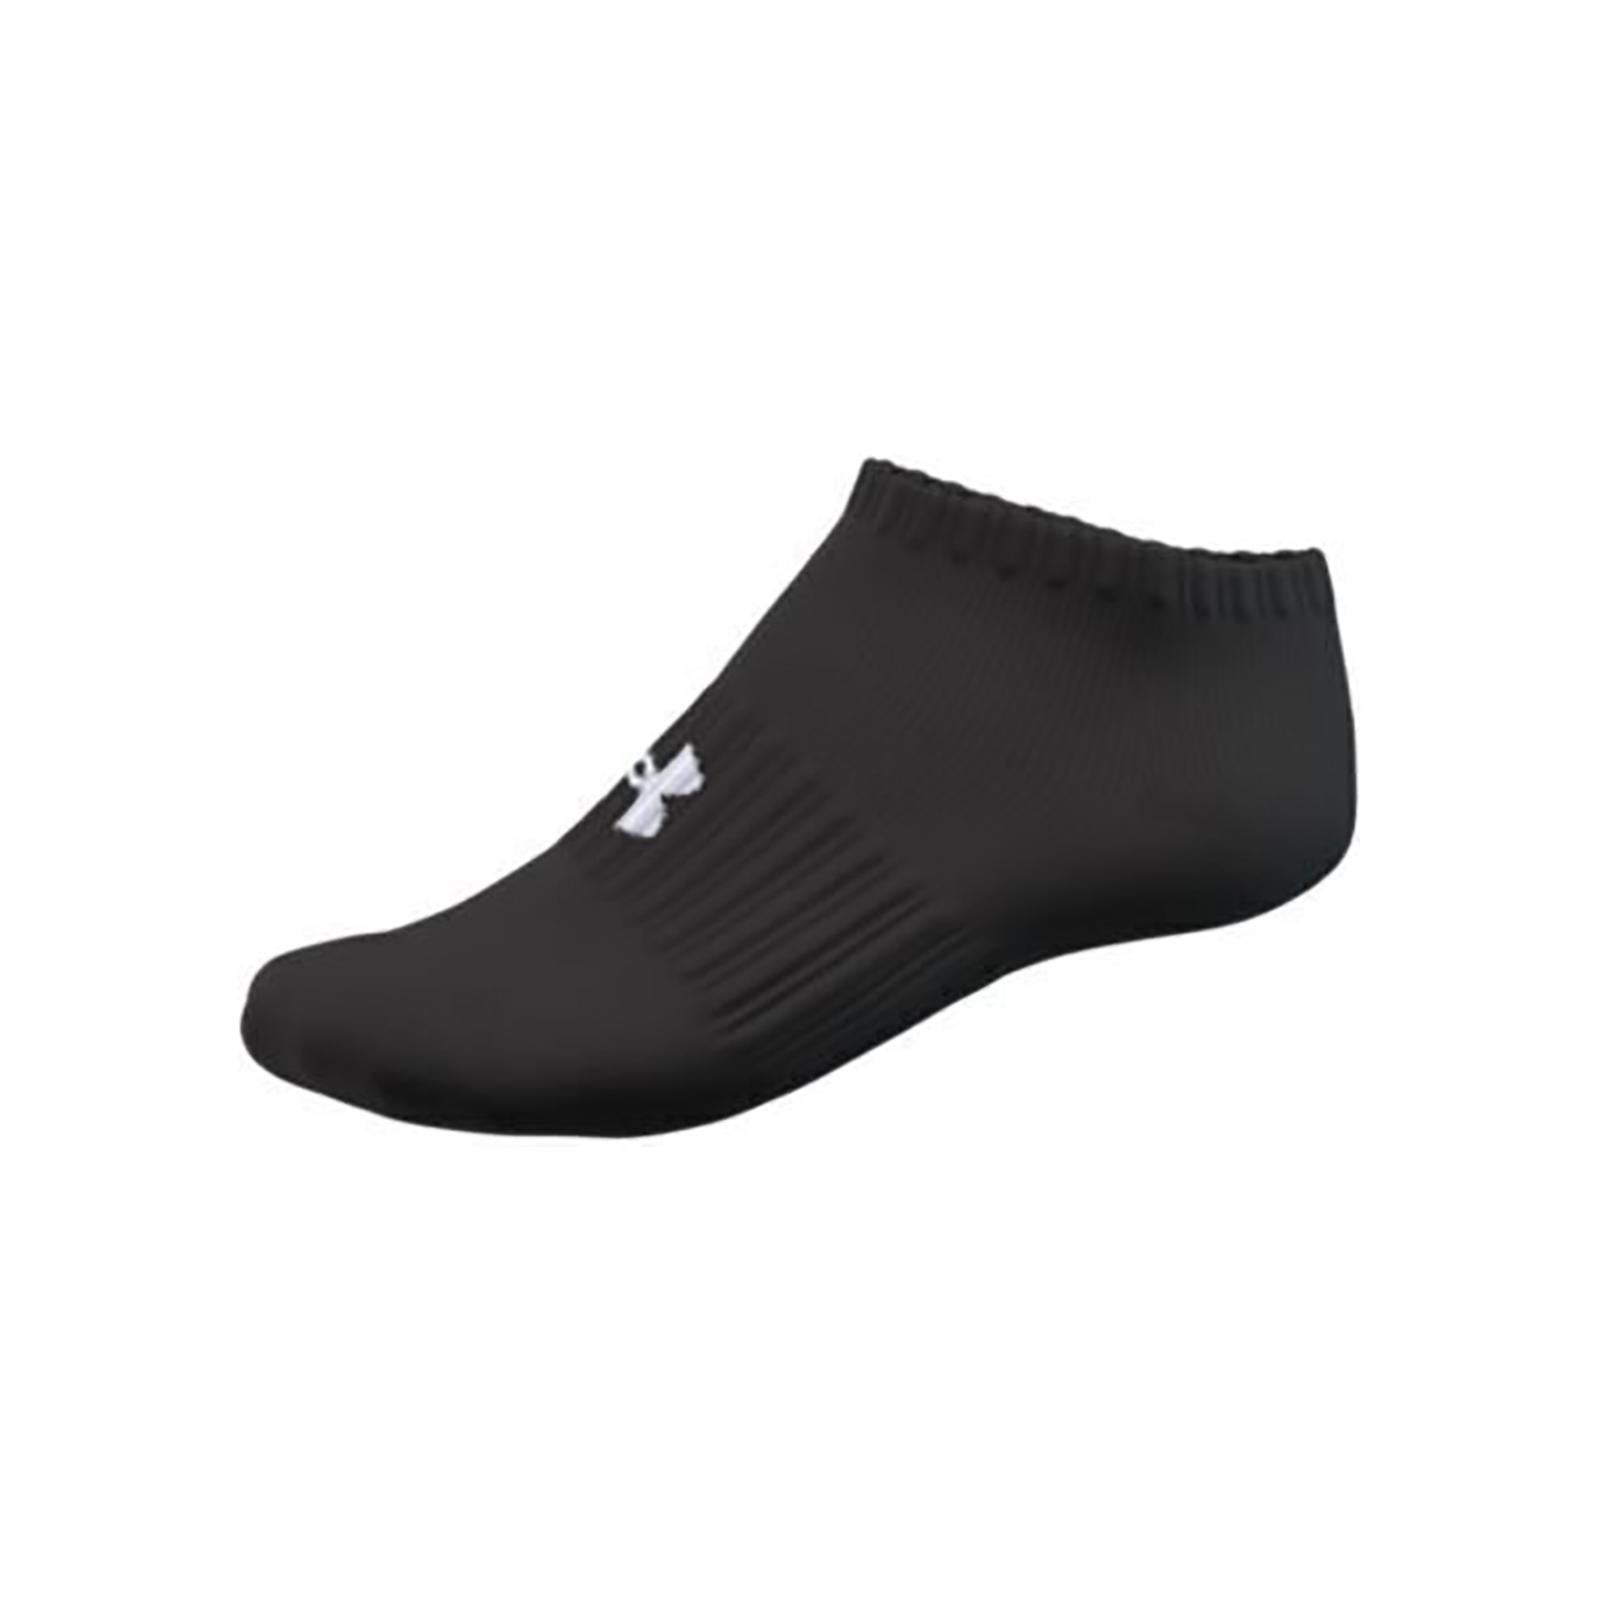 Набор носков унисекс Under Armour UA Core No Show 3Pk черный L